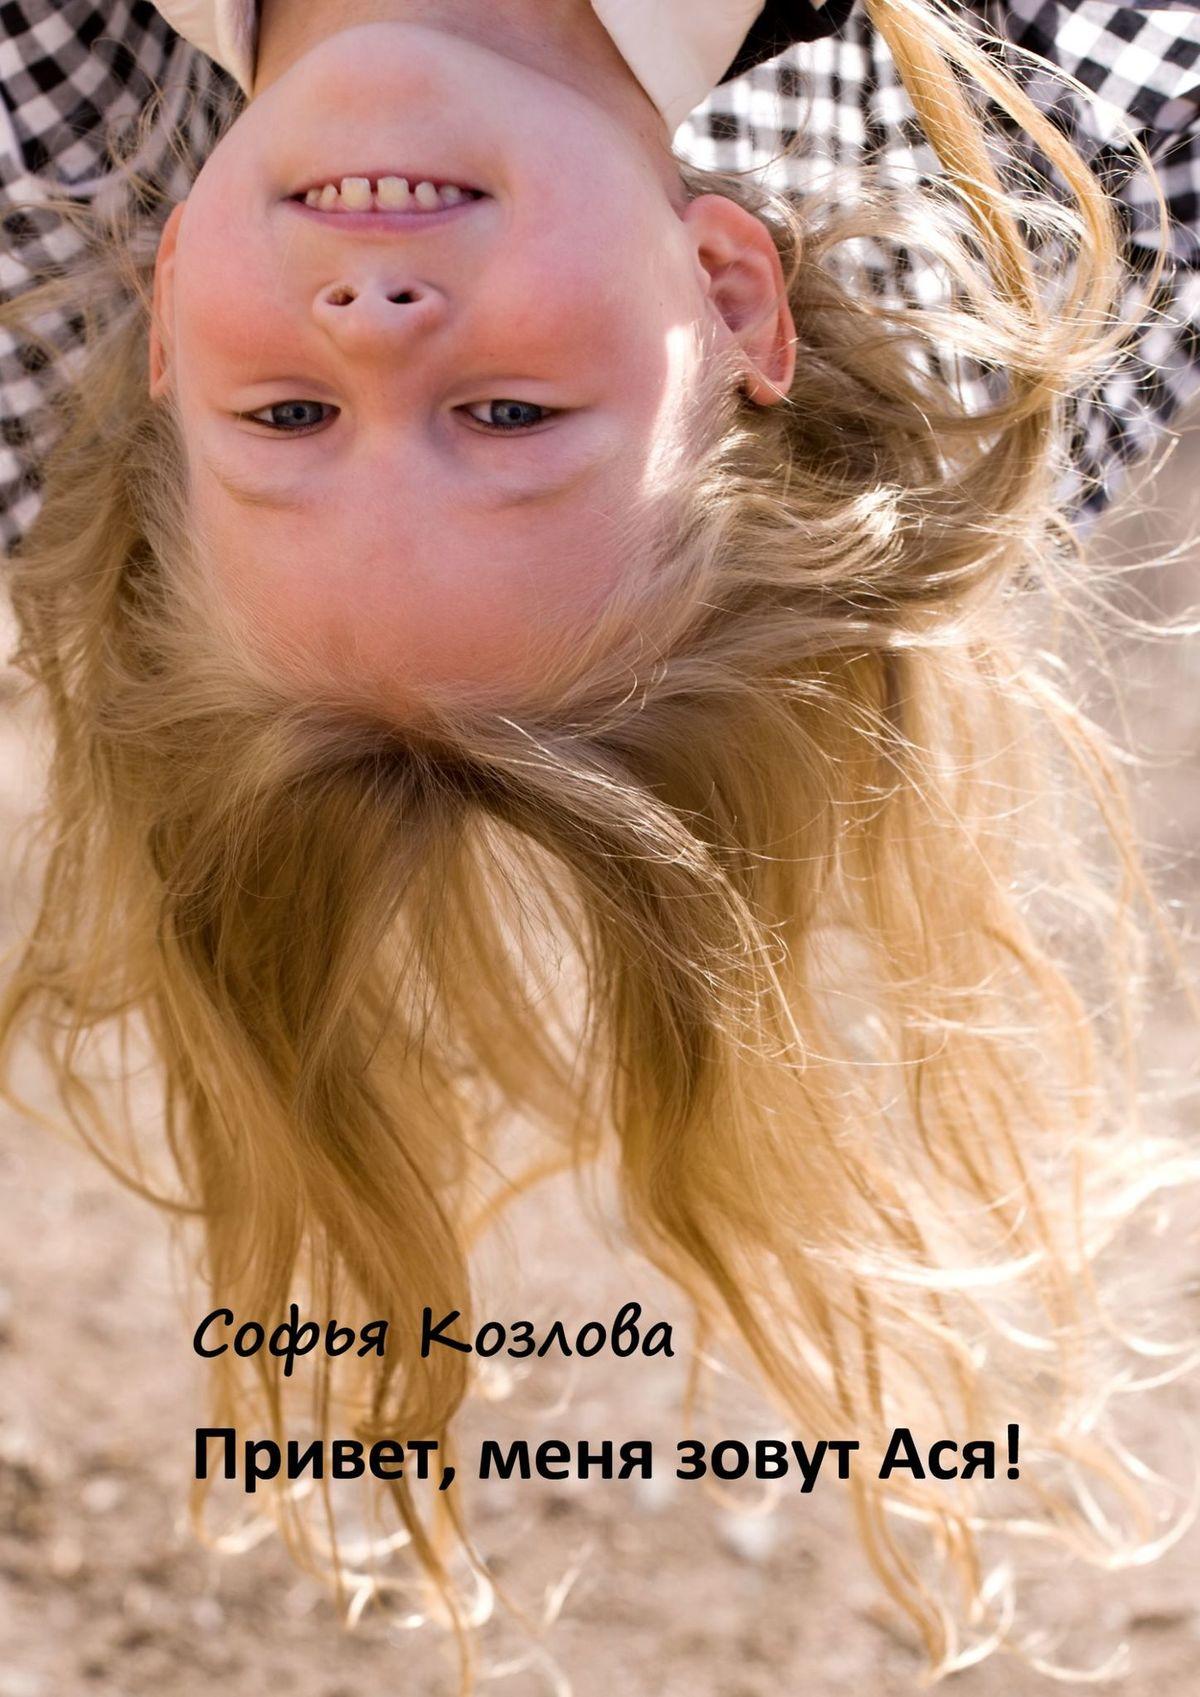 Софья Козлова Привет, меня зовут Ася! пойми меня мама главные проблемы воспитания малышей